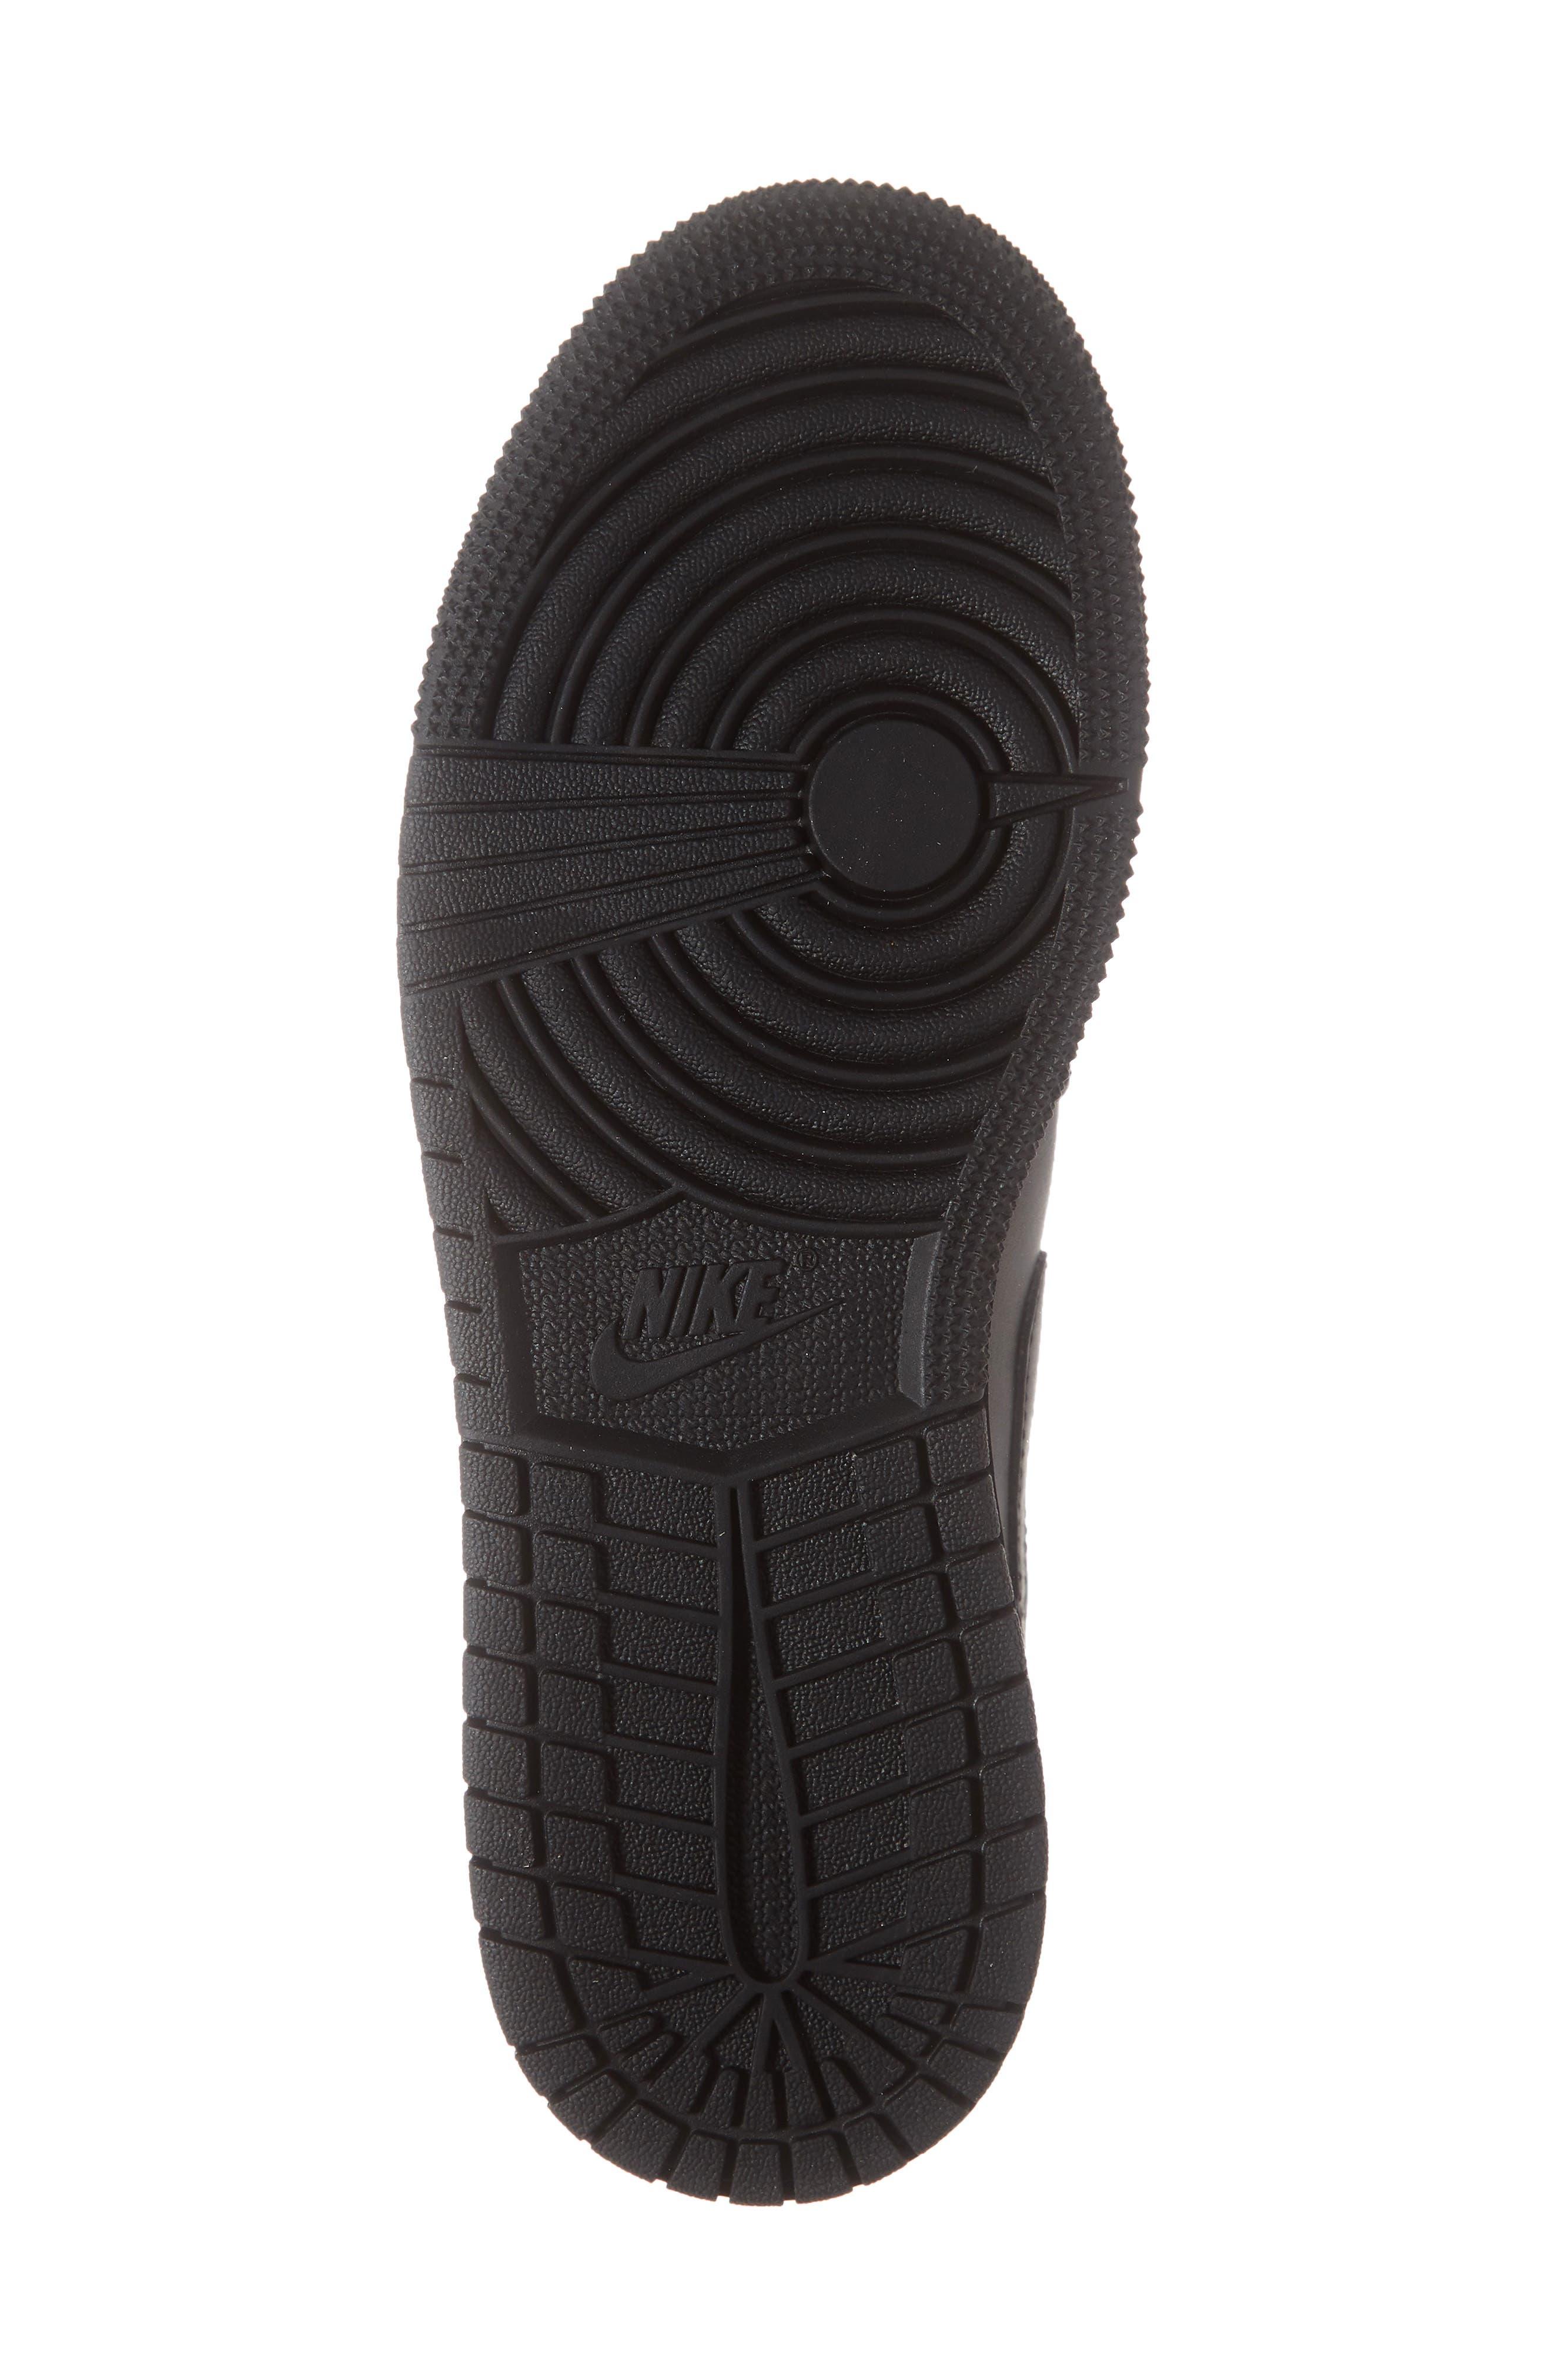 JORDAN, Nike 'Air Jordan 1 Low' Sneaker, Alternate thumbnail 6, color, BLACK/ WHITE/ BLACK